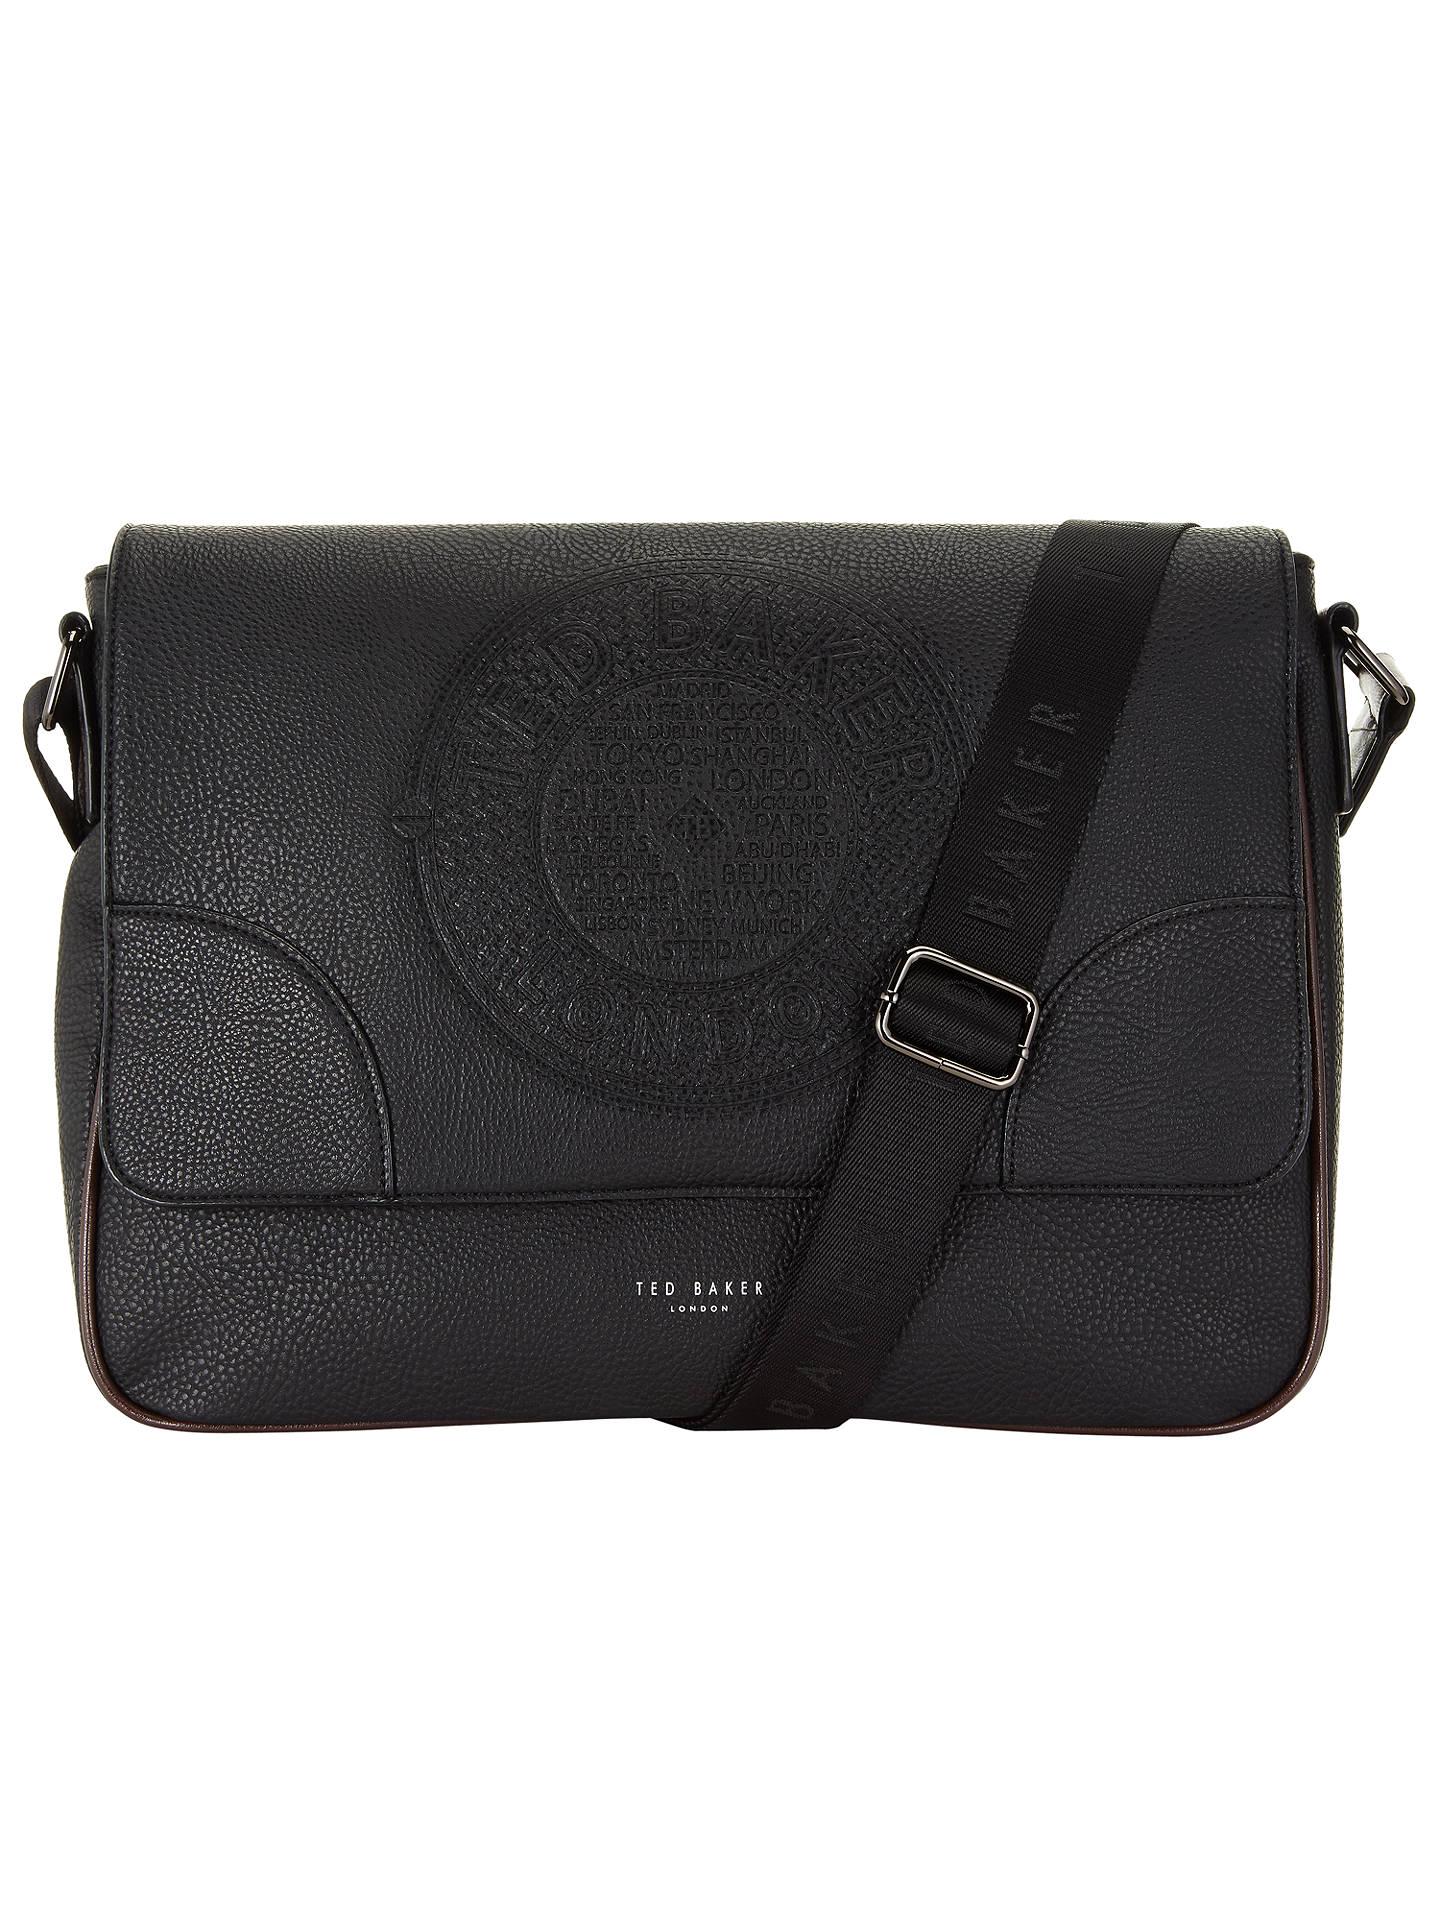 a1d1ee55af12 Buy Ted Baker Bigboss Embossed Dispatch Bag